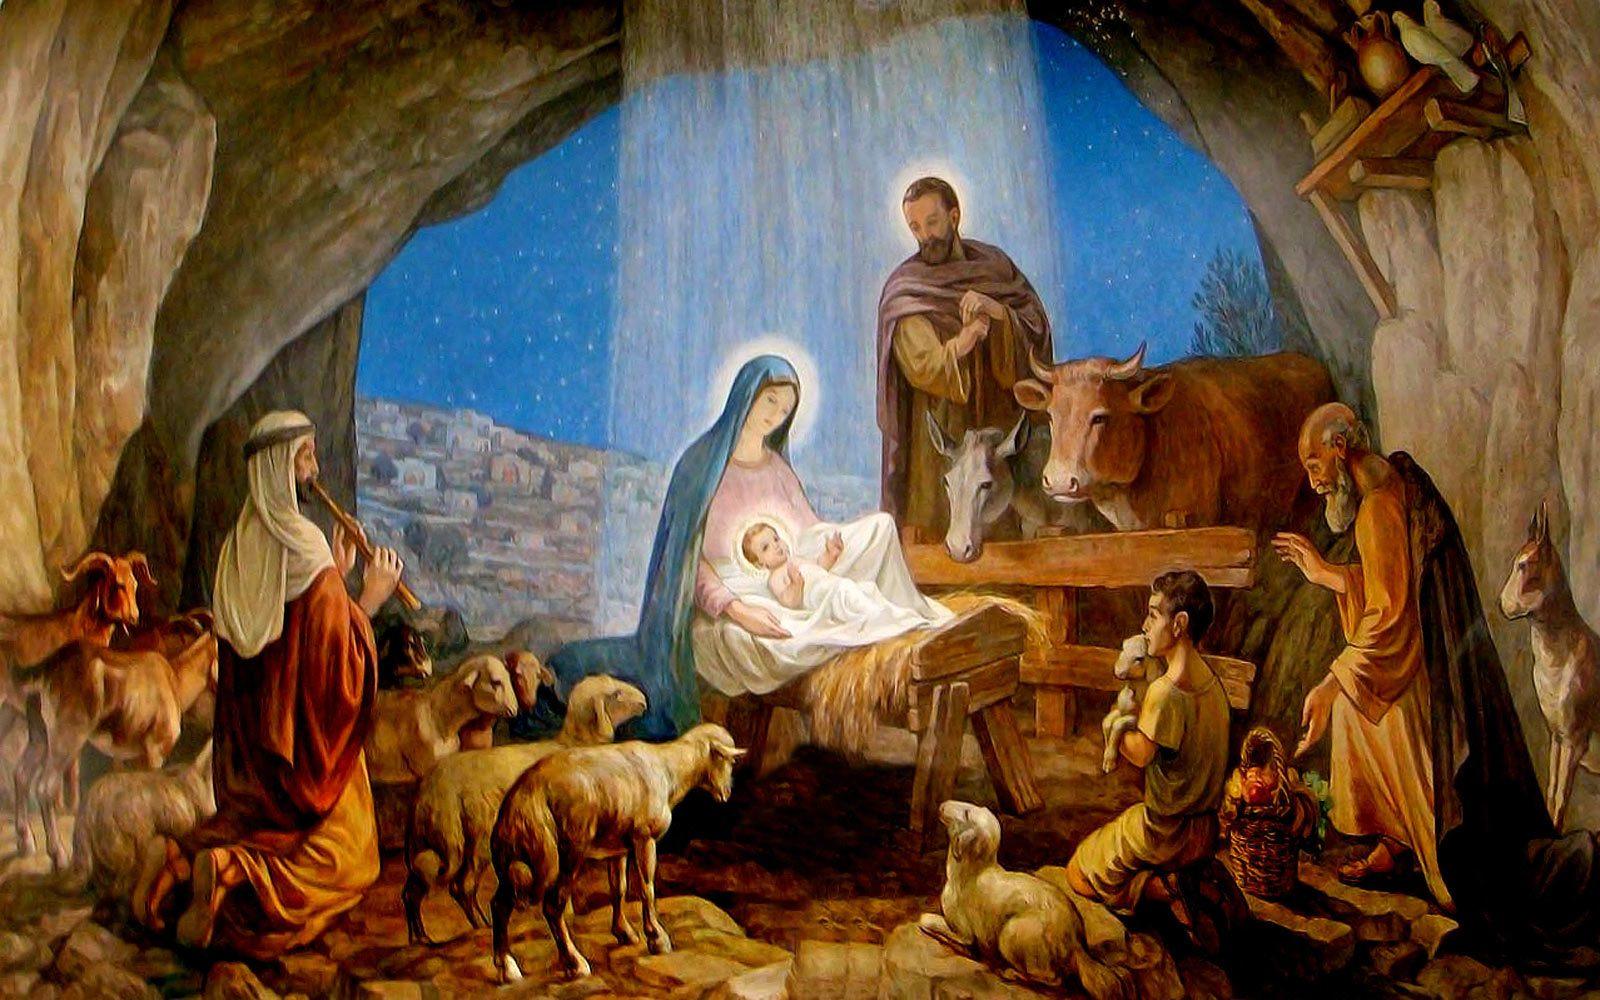 Immagini Gesu Bambino Natale.La Nascita Di Gesu Bambino Una Lezione Sul Libero Mercato